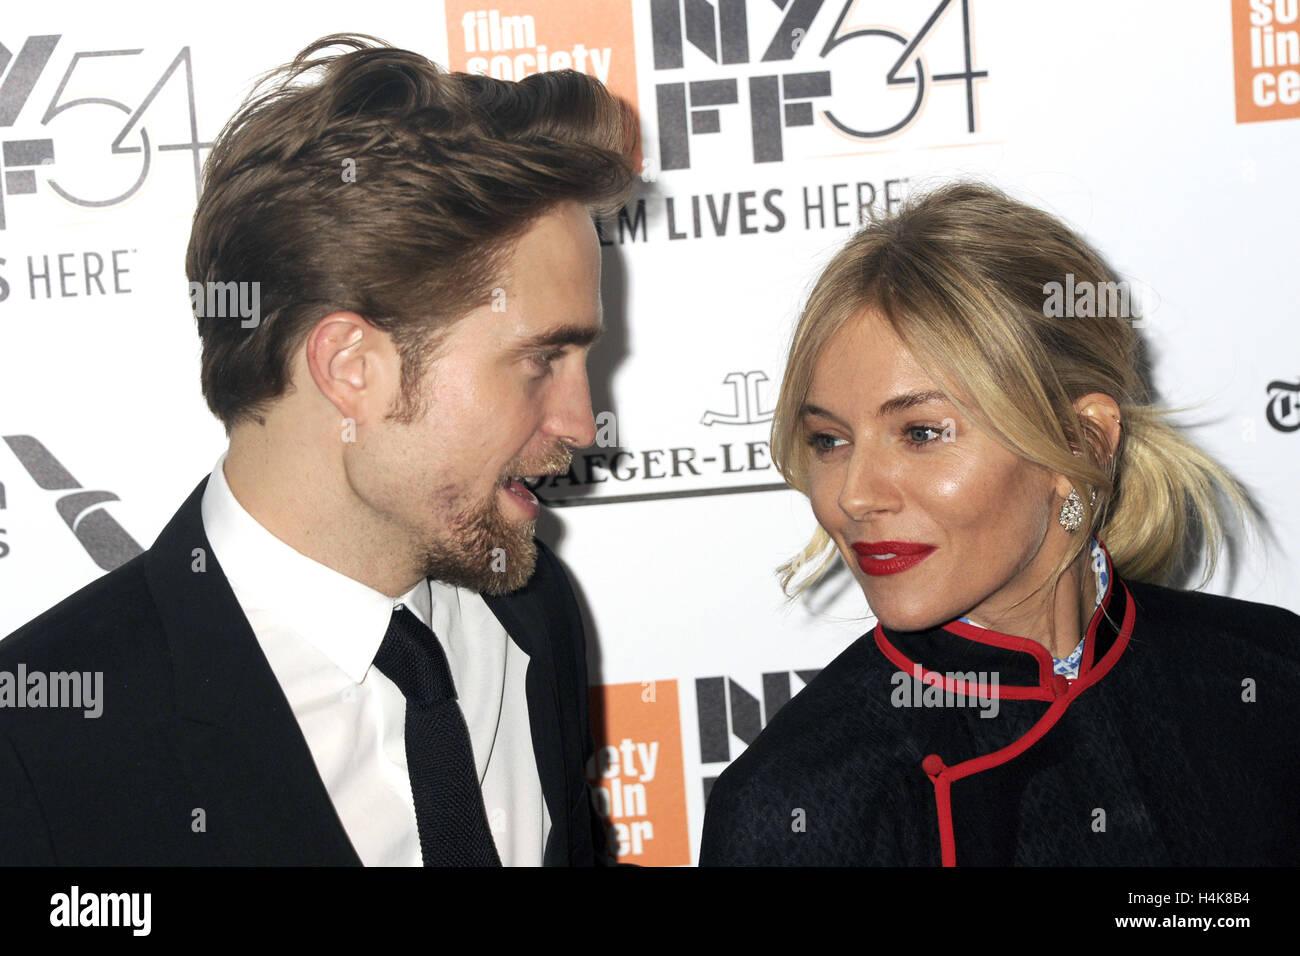 """La città di New York. 15 ottobre, 2016. Robert Pattinson e Sienna Miller partecipare a """"la città Immagini Stock"""